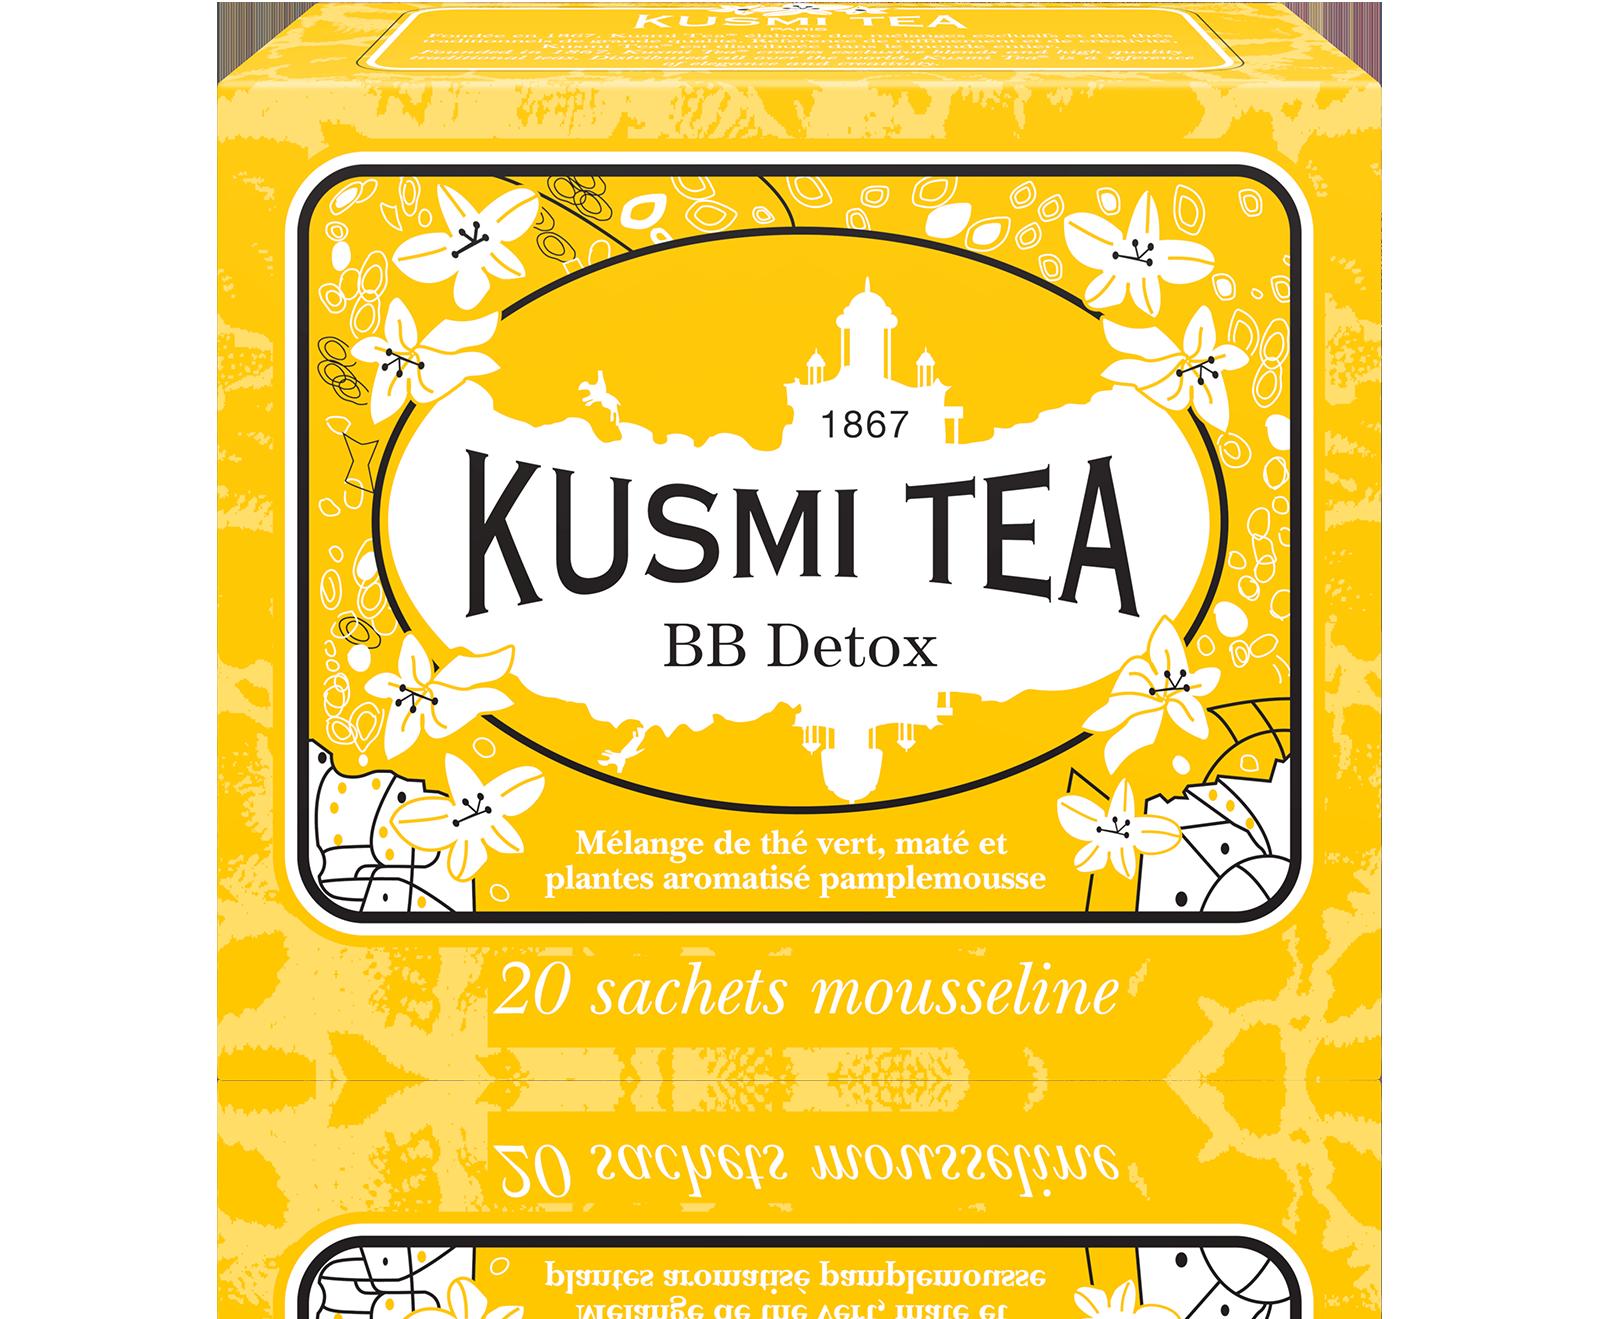 Thé BB Detox étui sachets mousseline, Kusmi Tea (x 20, 44 g)